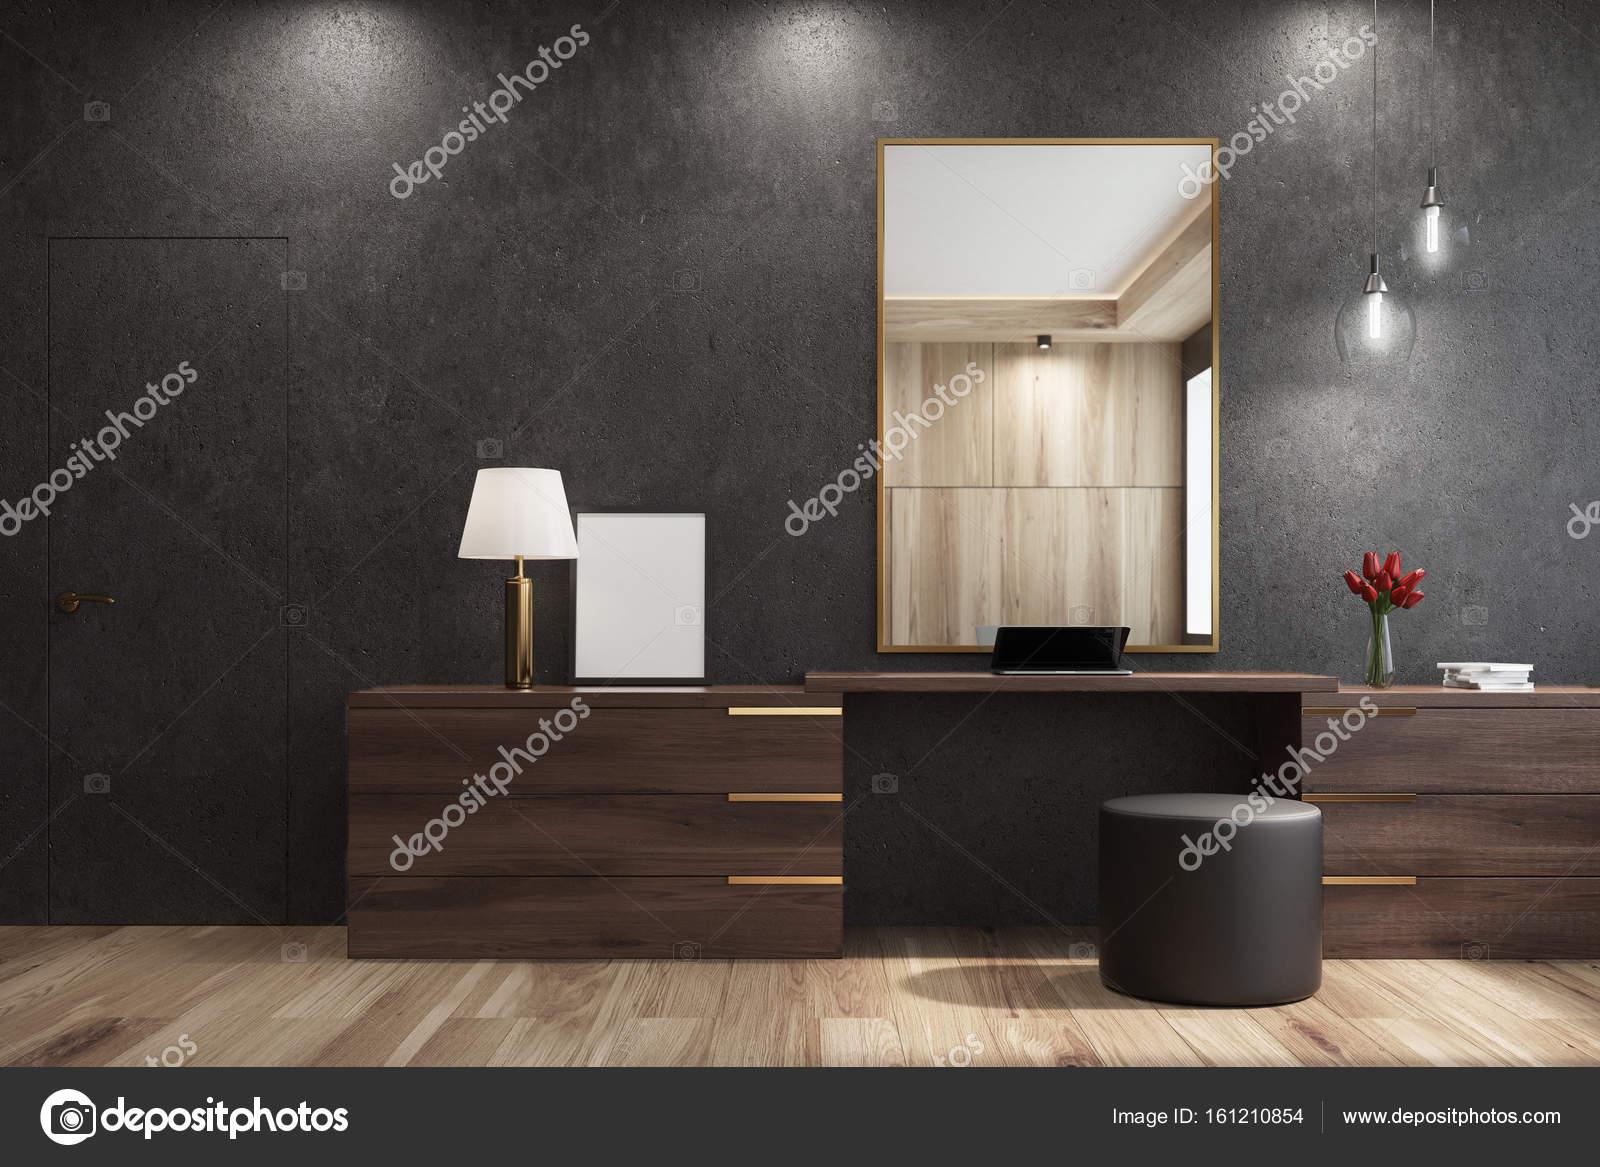 Design Spiegels Woonkamer : Zwarte woonkamer met een spiegel u stockfoto denisismagilov